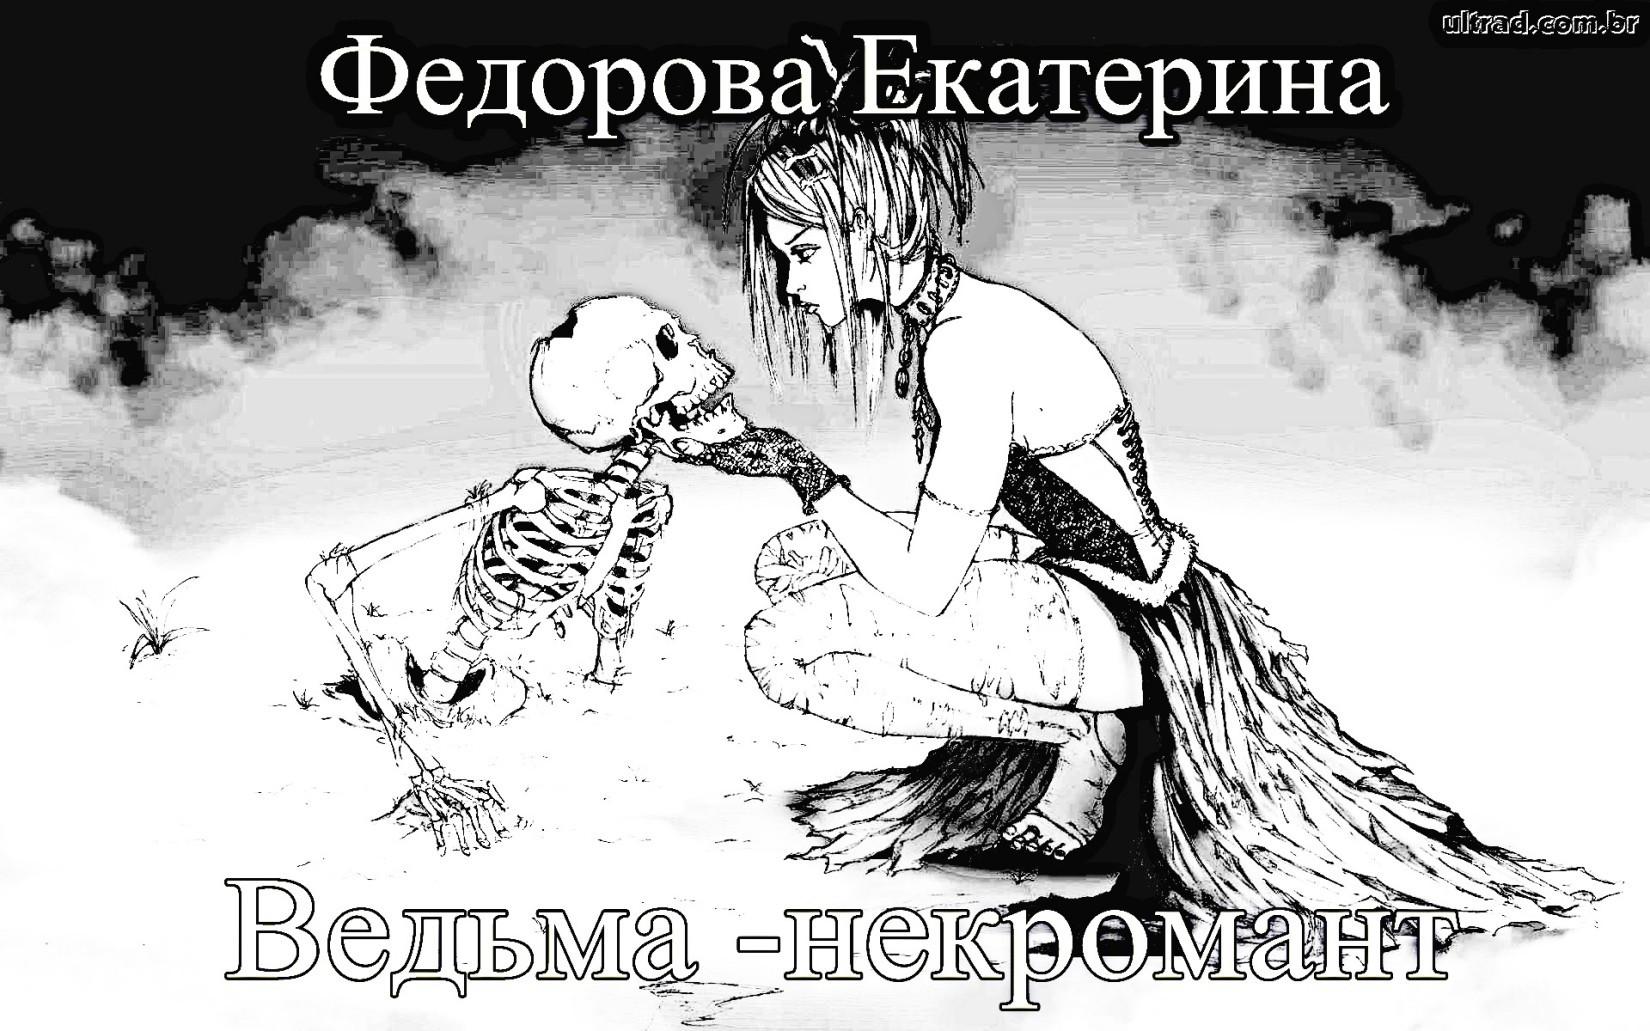 Екатерина Федорова - Ведьма-некромант